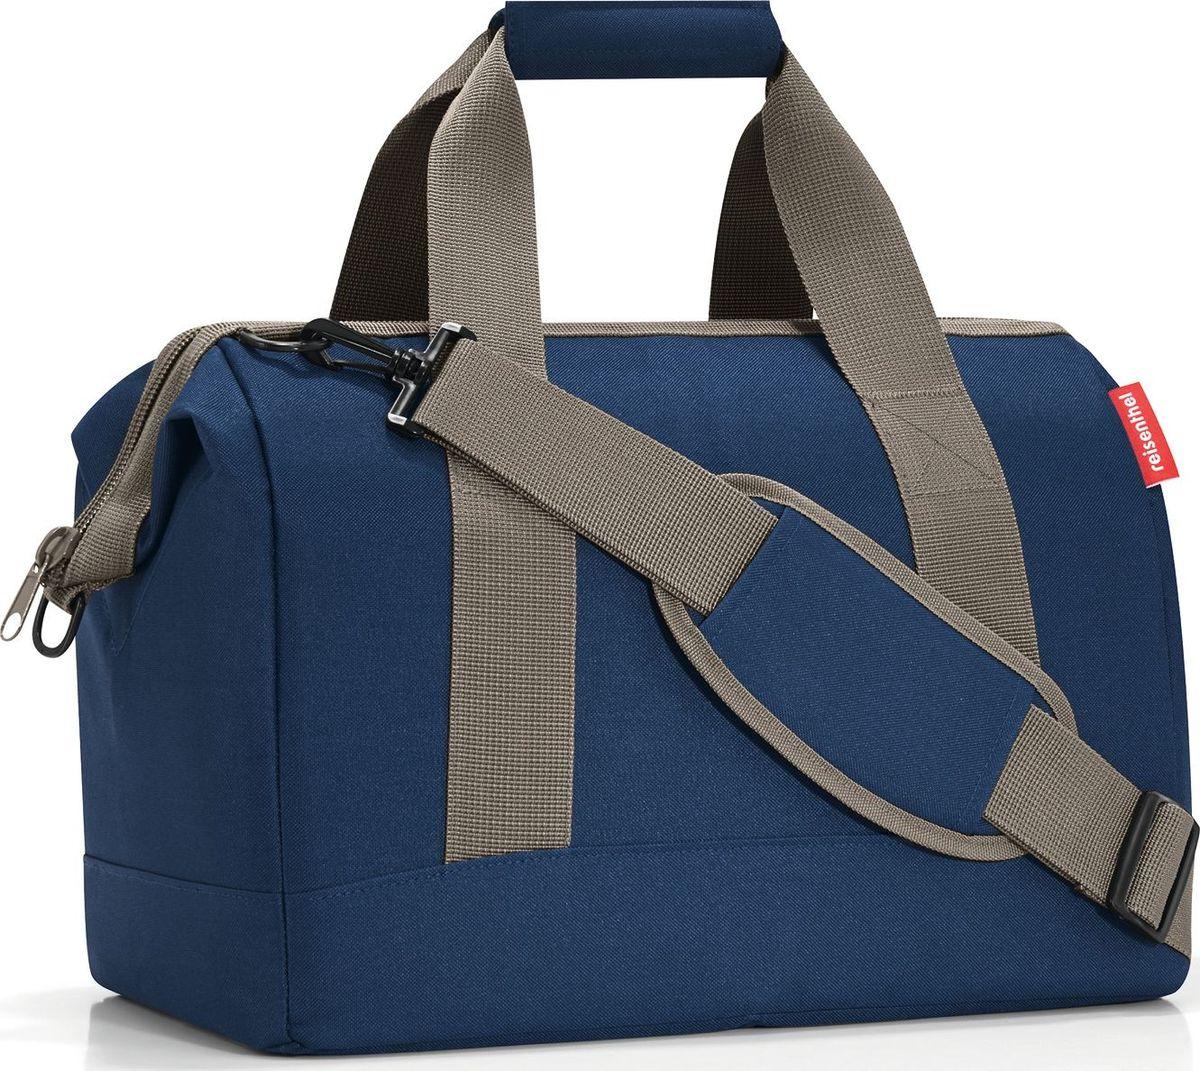 Сумка женская Reisenthel, цвет: синий. MS4059MS4059Практичная сумка для спорта и путешествий. Приятные объемные стенки и дно создают силуэт, напоминающий старинные врачебные сумки. Встроенные металлические скобы фиксируют сумку в открытом положении. Вы сможете легко доставать и складывать вещи внутрь, а также быстро находить нужную вам вещь.6 внутренних карманов позволяют удобно организовать пространство и сортировать предметы. Две ручки для переноски и ремень регулируемой длины позволяют носить сумку так, как вам удобно. Объем – 18 литров. Материал – высококачественный полиэстер. Он не намокает, легко чистится и прекрасно выглядит. Сумка прослужит вам действительно долго и будет радовать своим удобством.